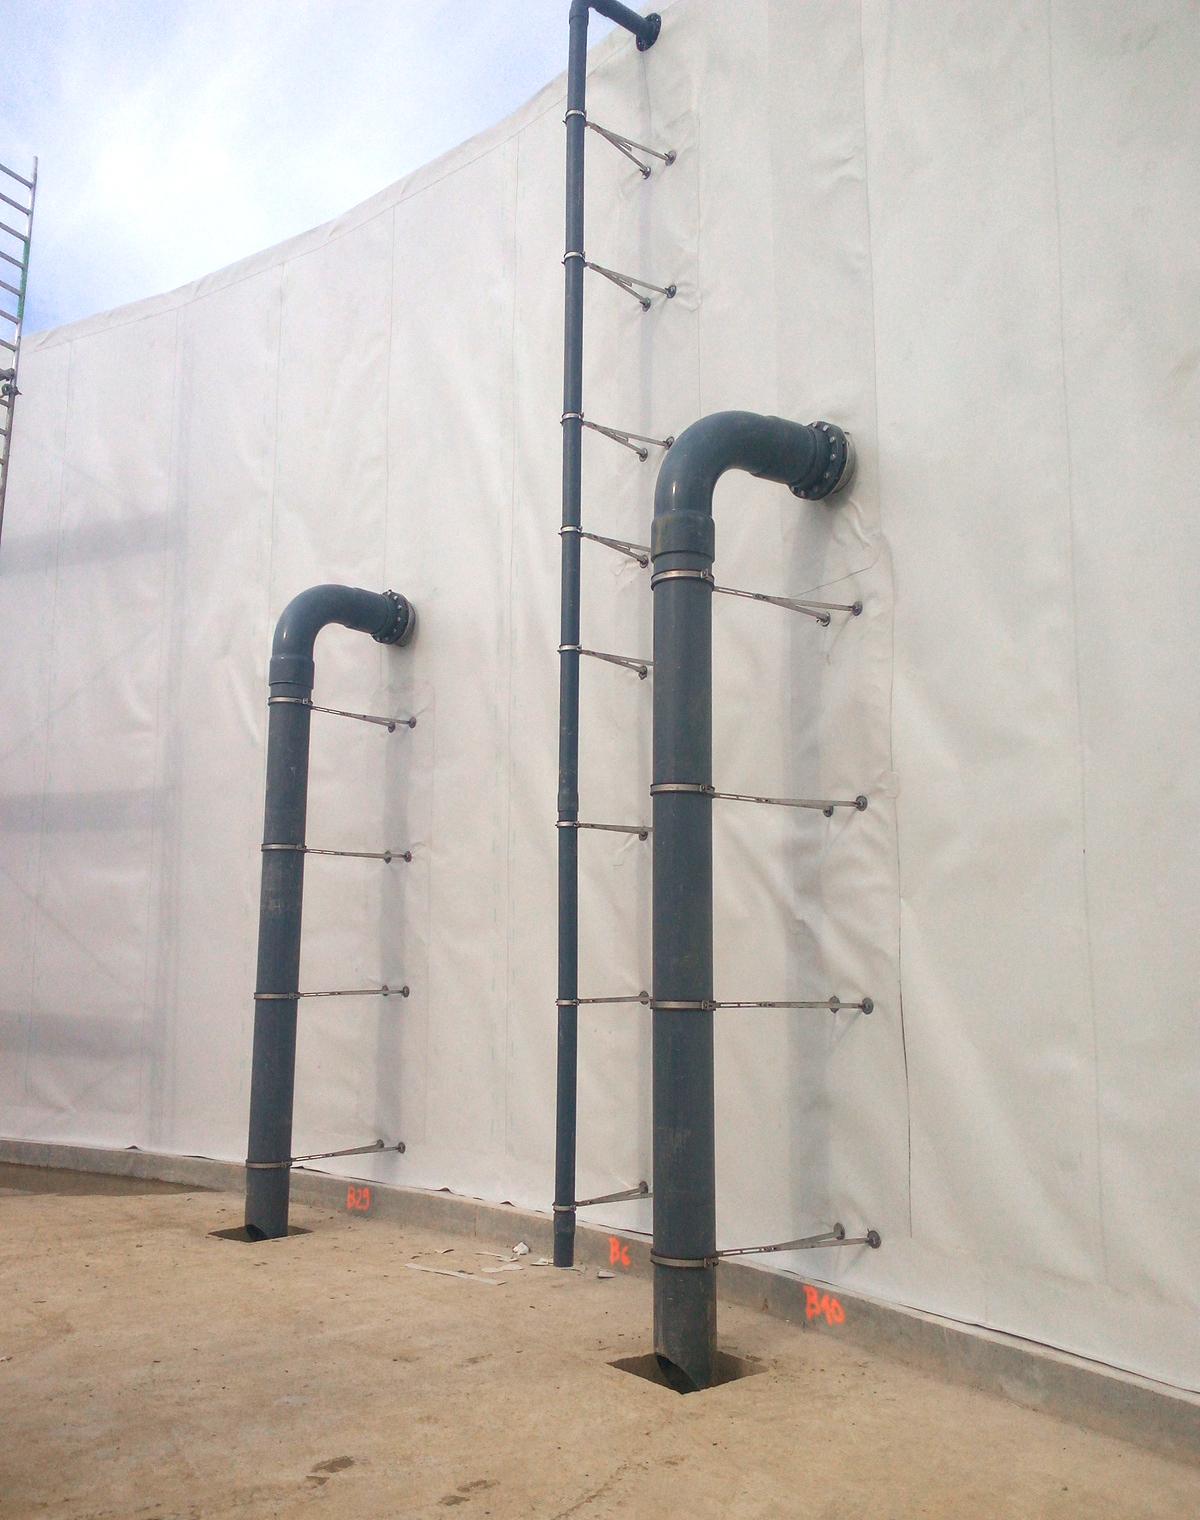 Planta Biogás Metha Val de Saone INDEREN-InstalaciónEquiposEnTanques-Storage Tank01